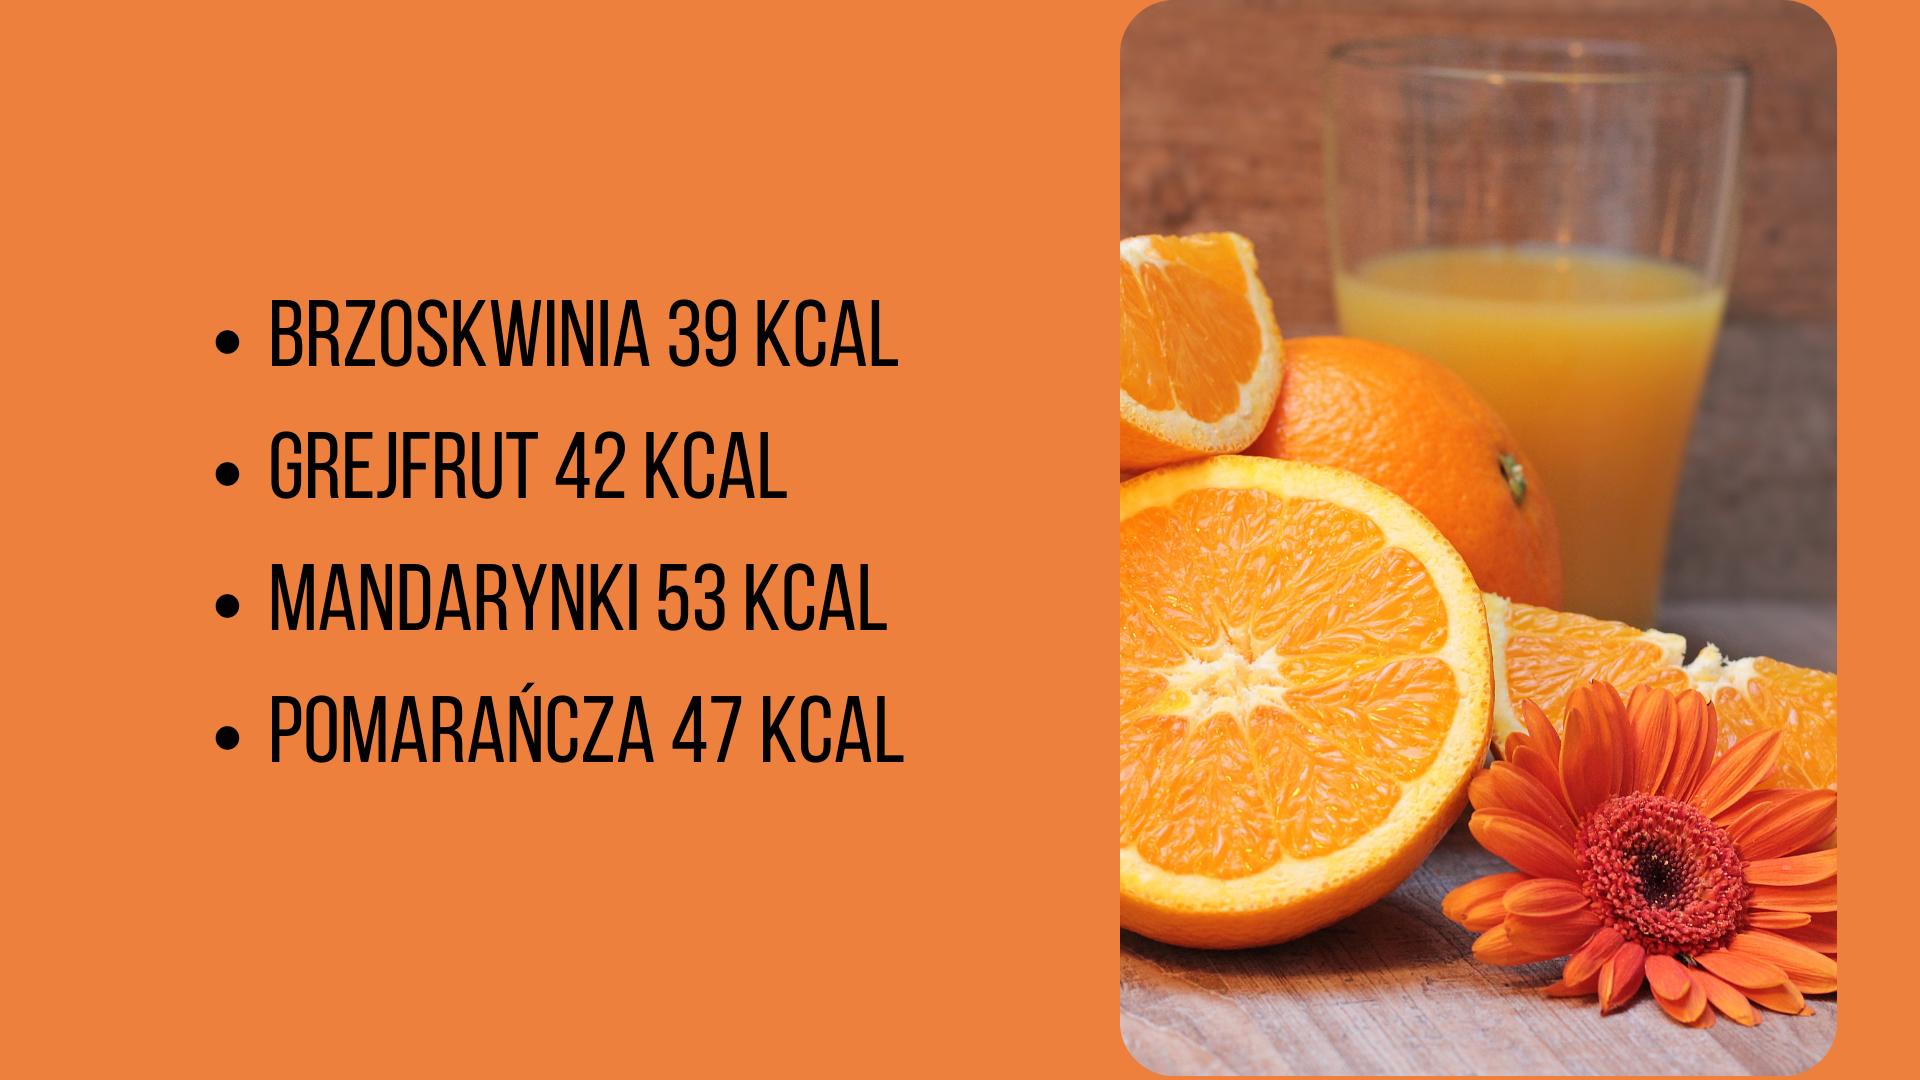 tabela kalorii wybranych owoców i warzyw